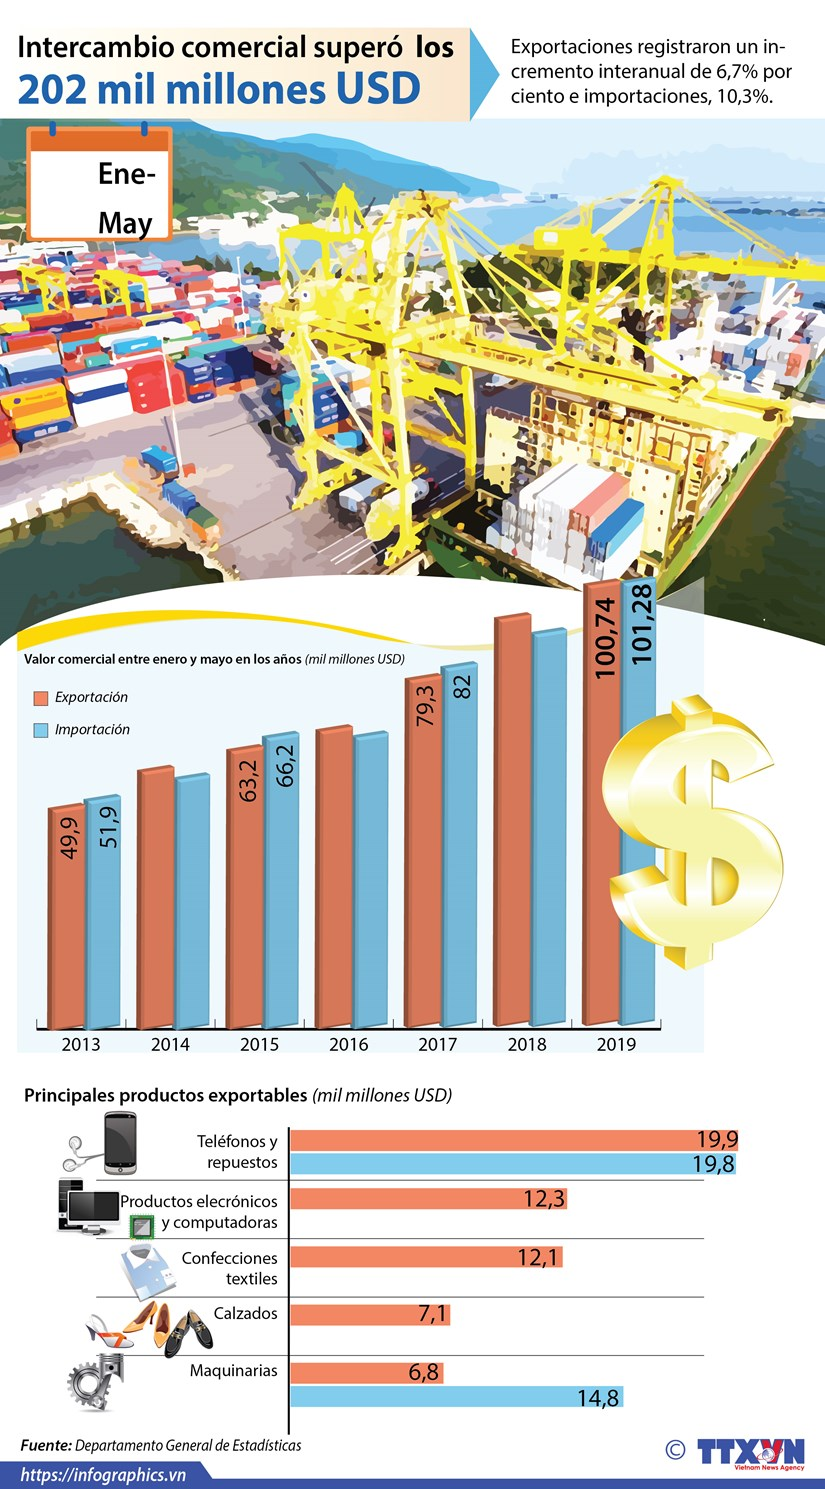 [Info] El intercambio comercial entre enero y mayo supera los 202 mil millones de dolares hinh anh 1